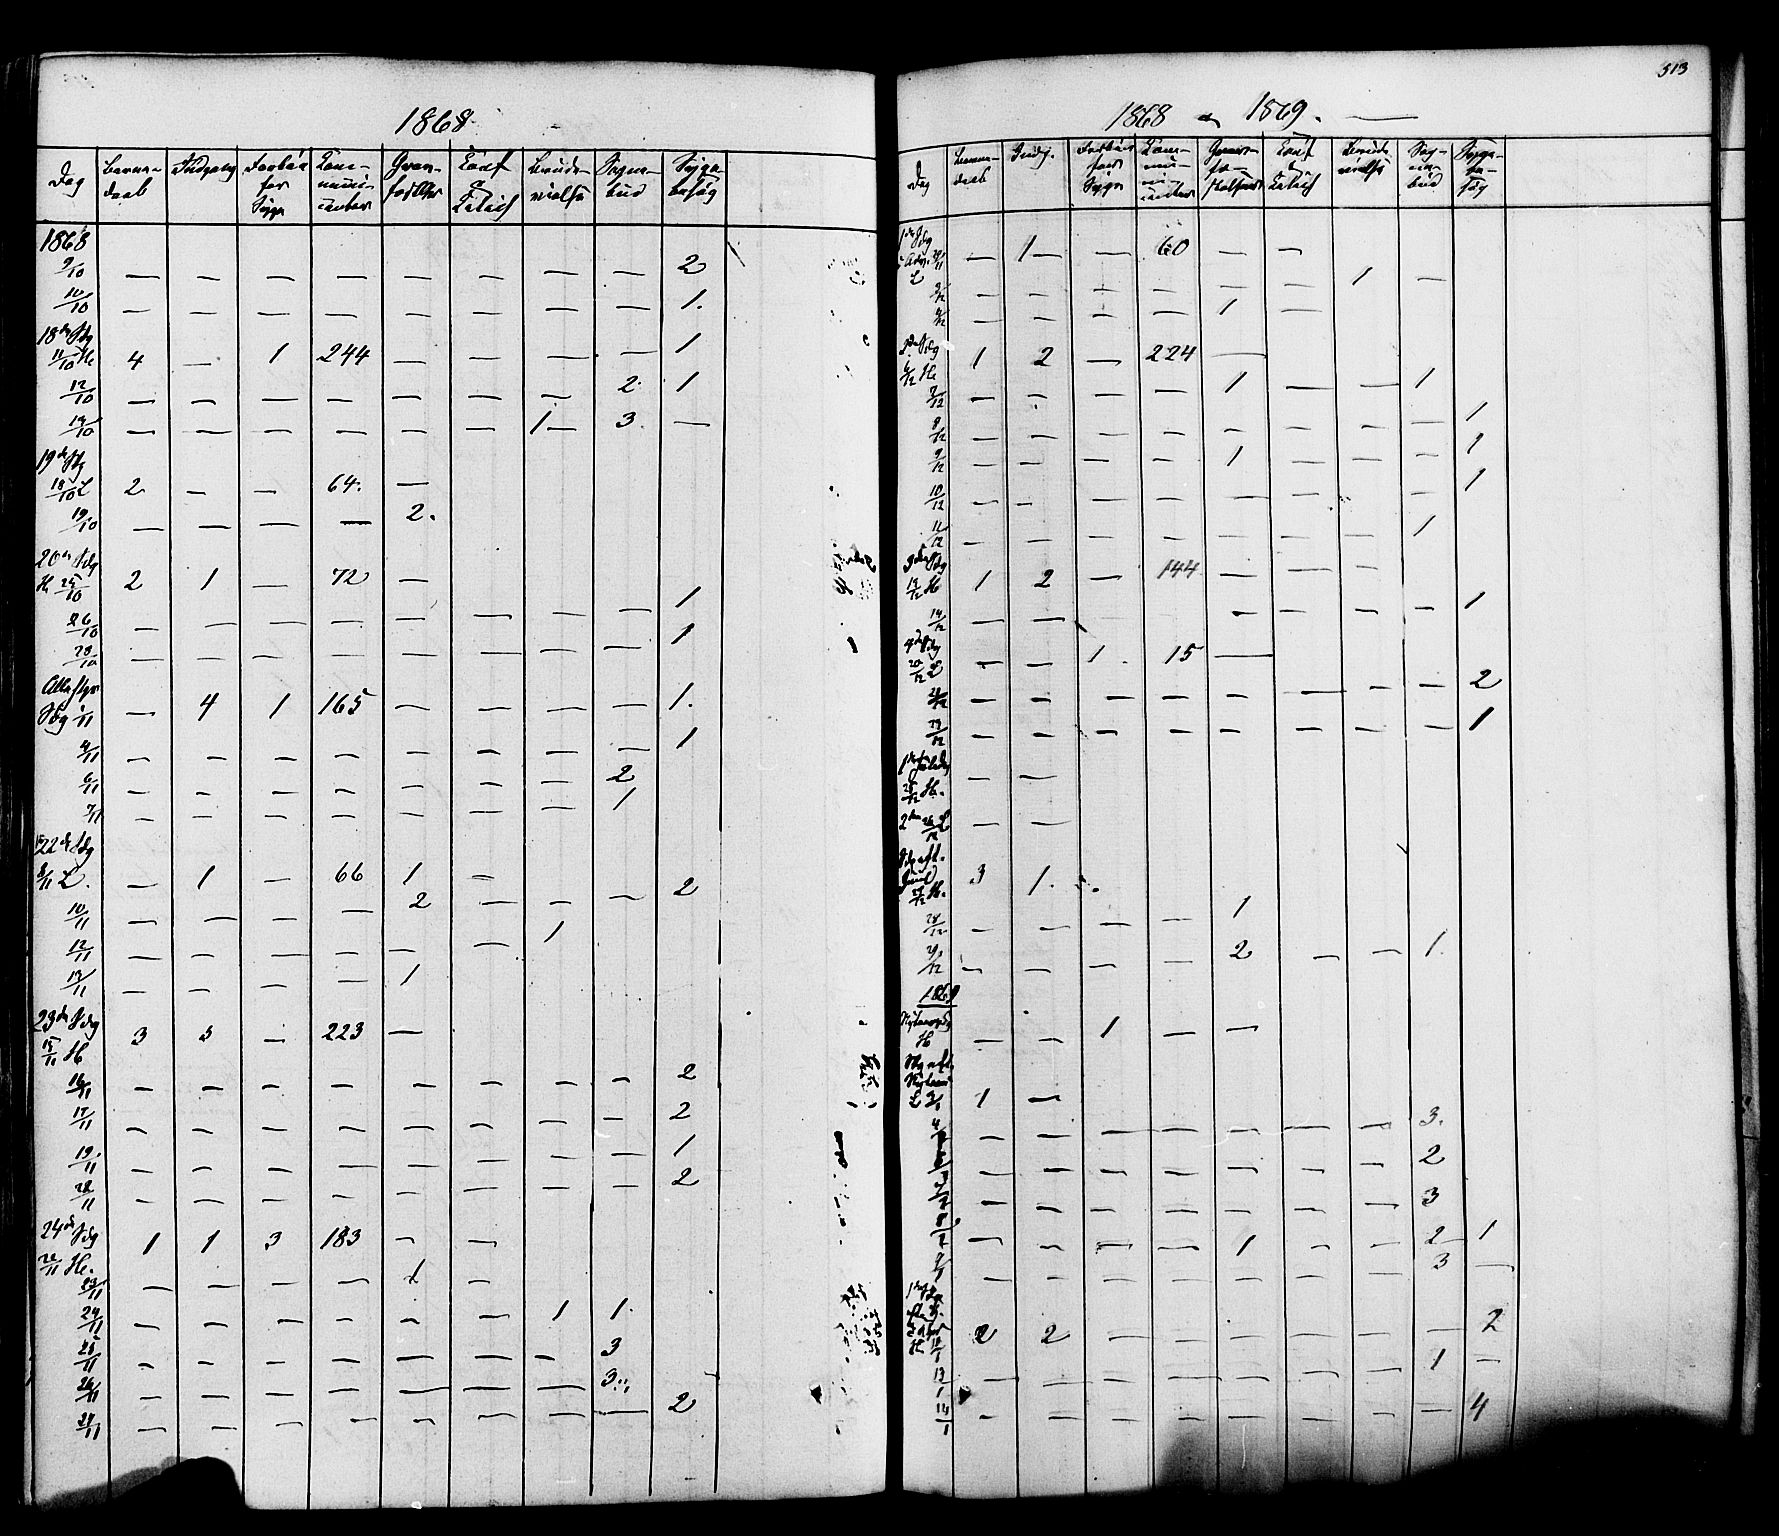 SAKO, Heddal kirkebøker, F/Fa/L0007: Ministerialbok nr. I 7, 1855-1877, s. 513